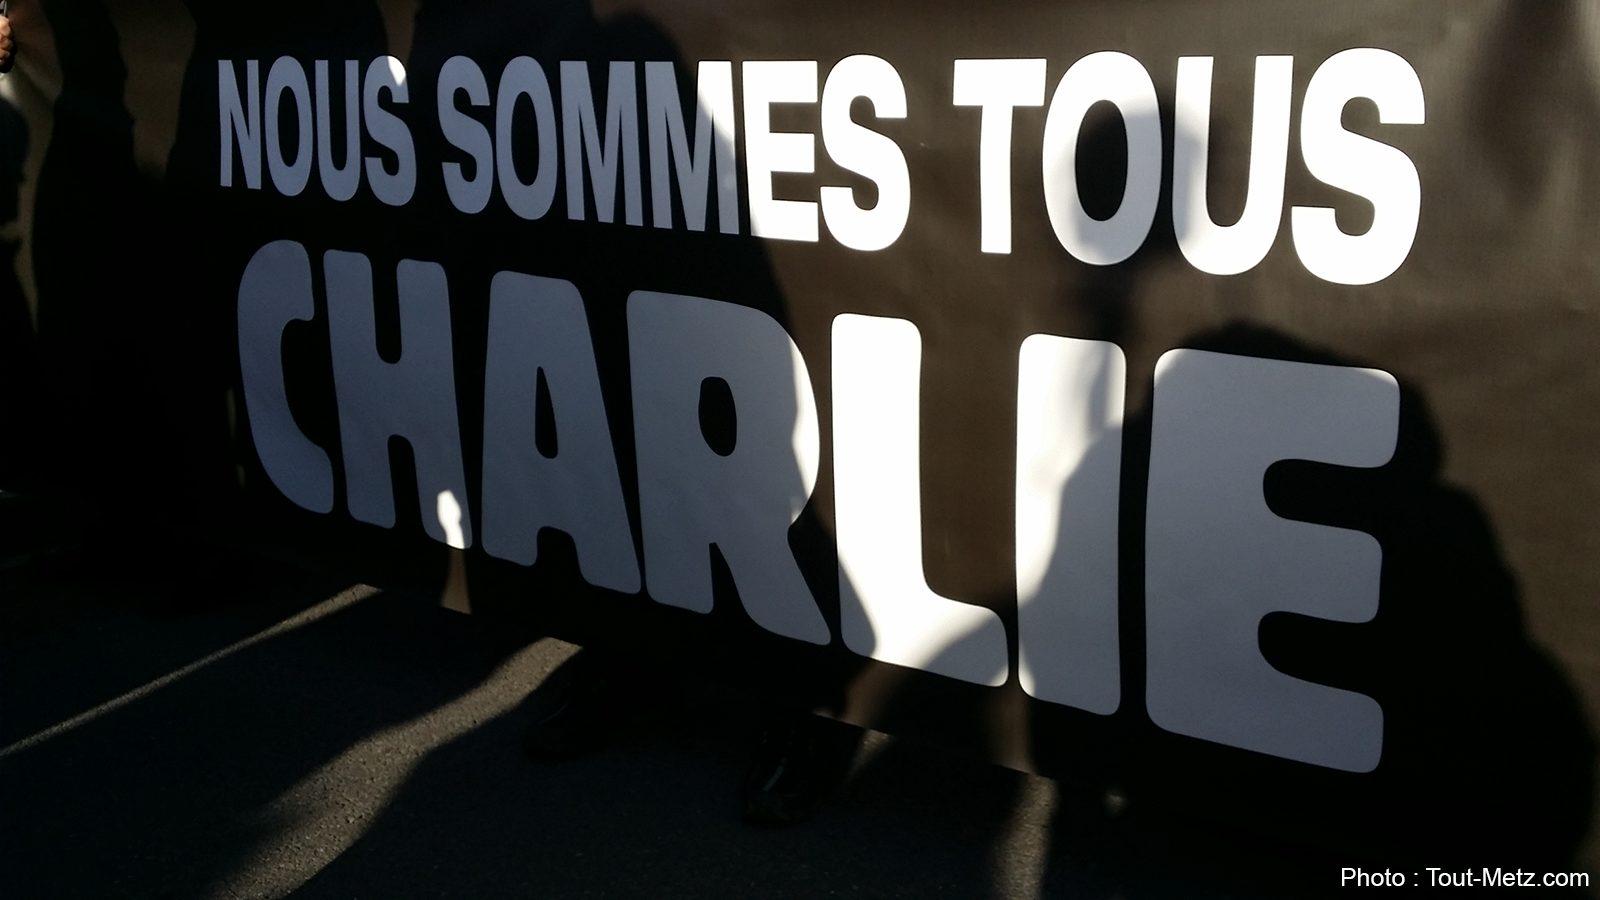 Metz : 45 000 personnes rendent hommage aux victimes de Charlie Hebdo